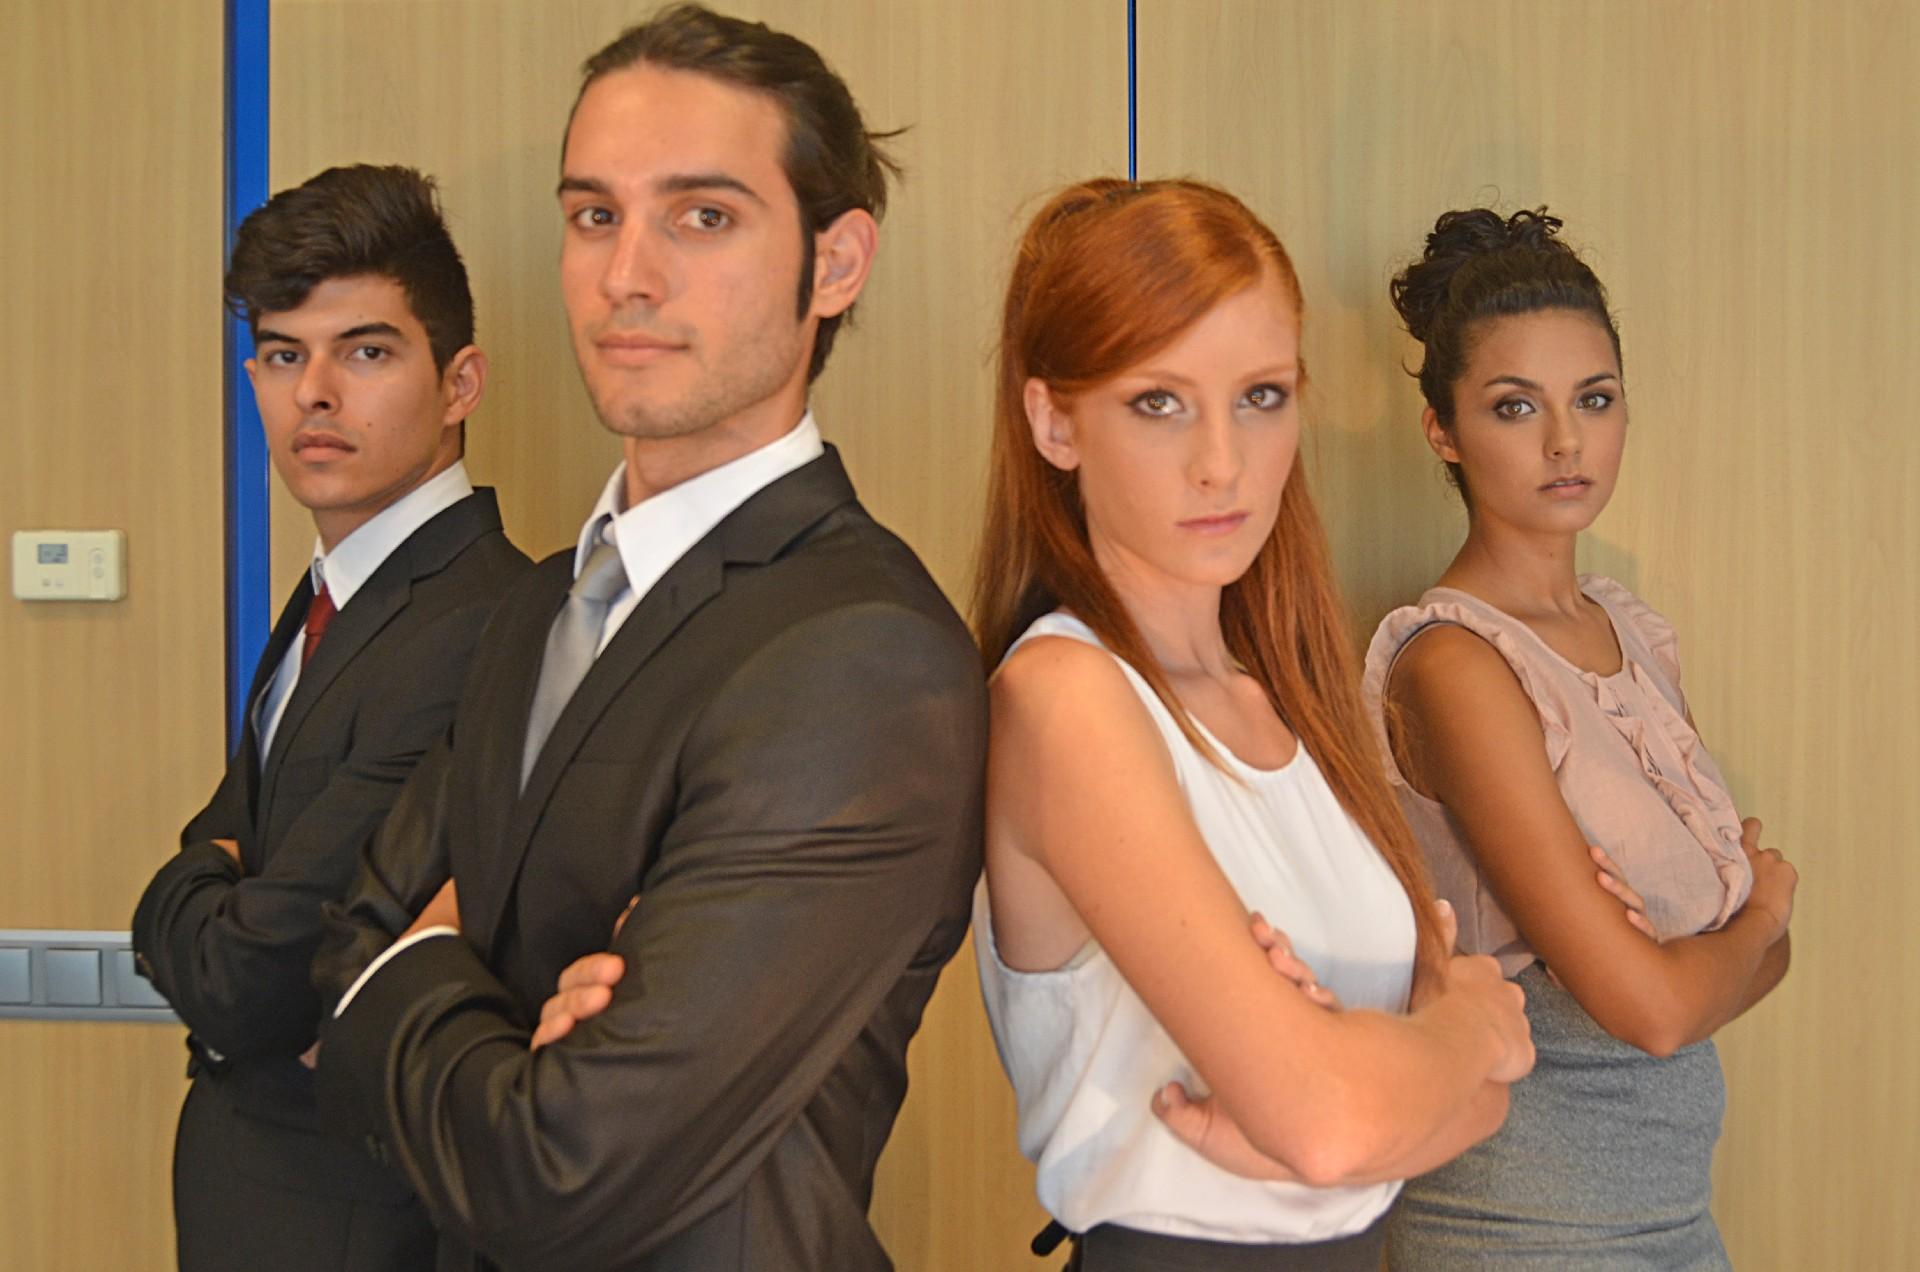 「愛される上司」になるための3つのポイント 短所より長所伸ばす、反省より業務管理